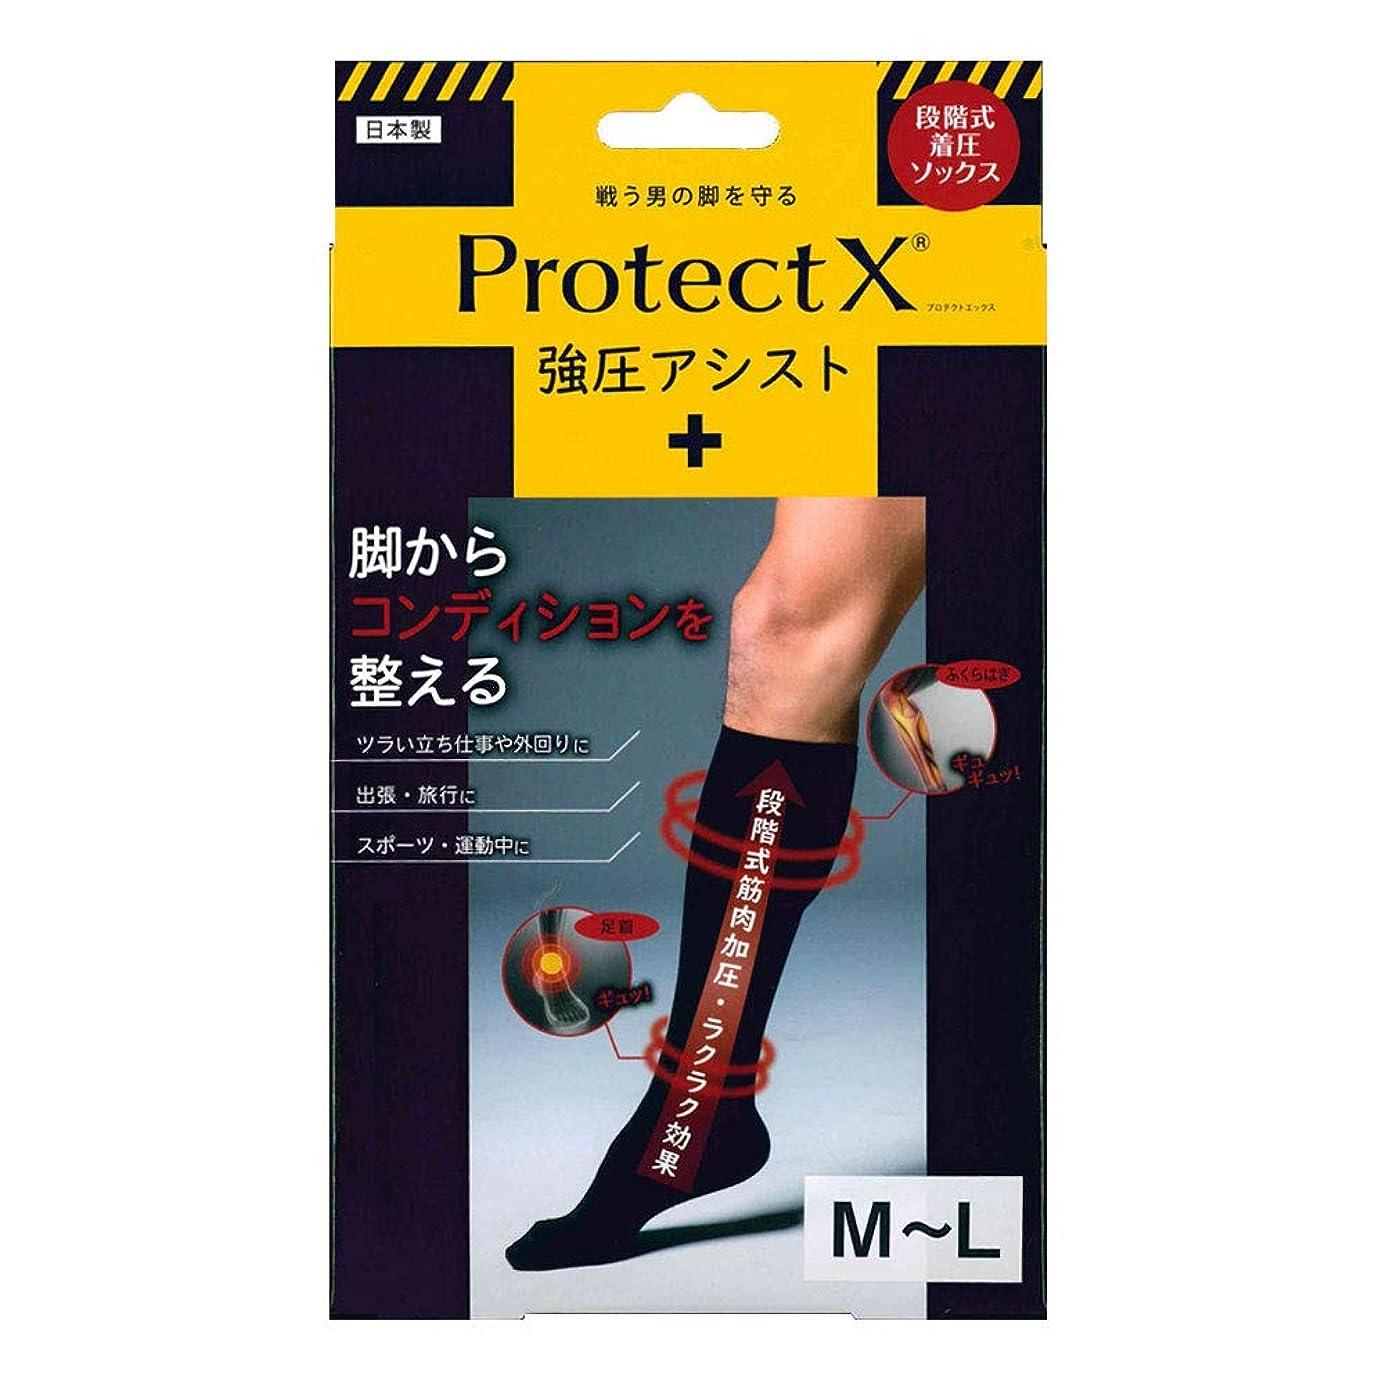 転送エンゲージメント踊り子Protect X(プロテクトエックス) 強圧アシスト つま先あり着圧ソックス 膝下 M-Lサイズ ブラック